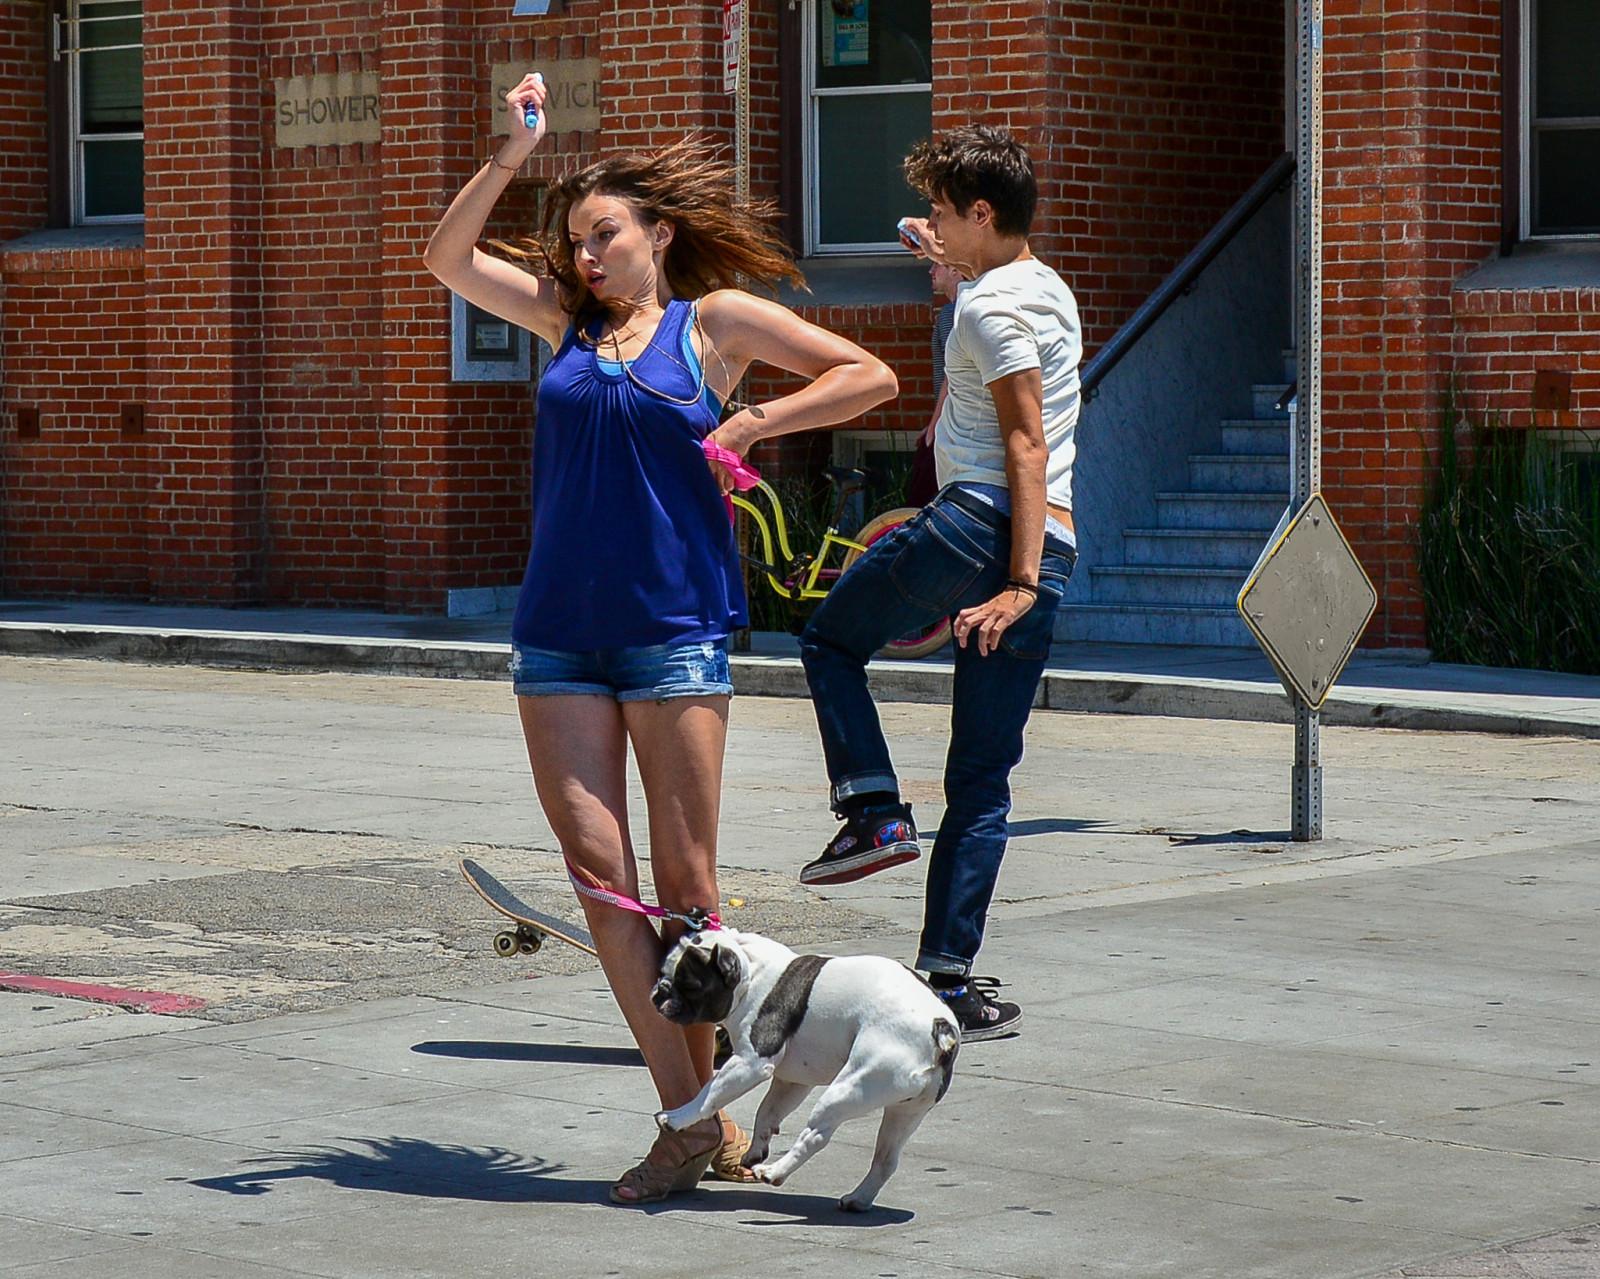 Wallpaper sports people street legs shadow shorts road blue